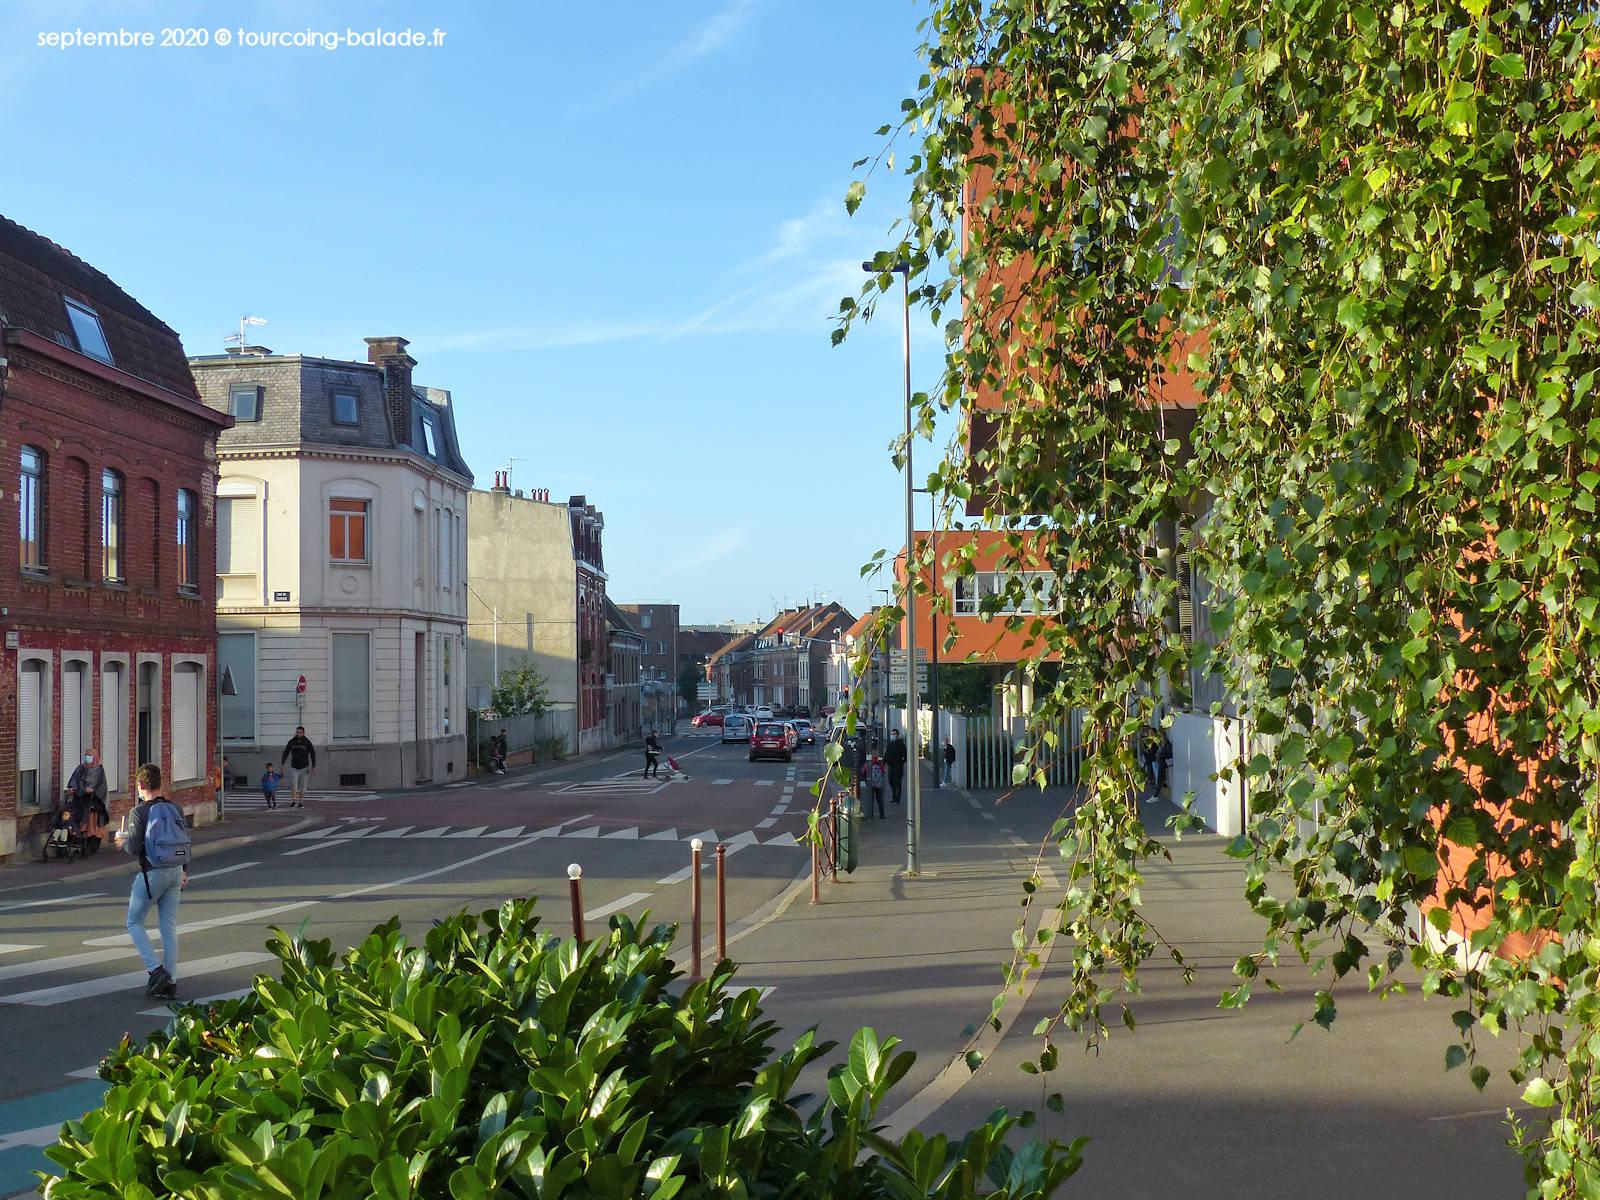 Sortie des élèves Collège Marie Curie, Tourcoing 2020